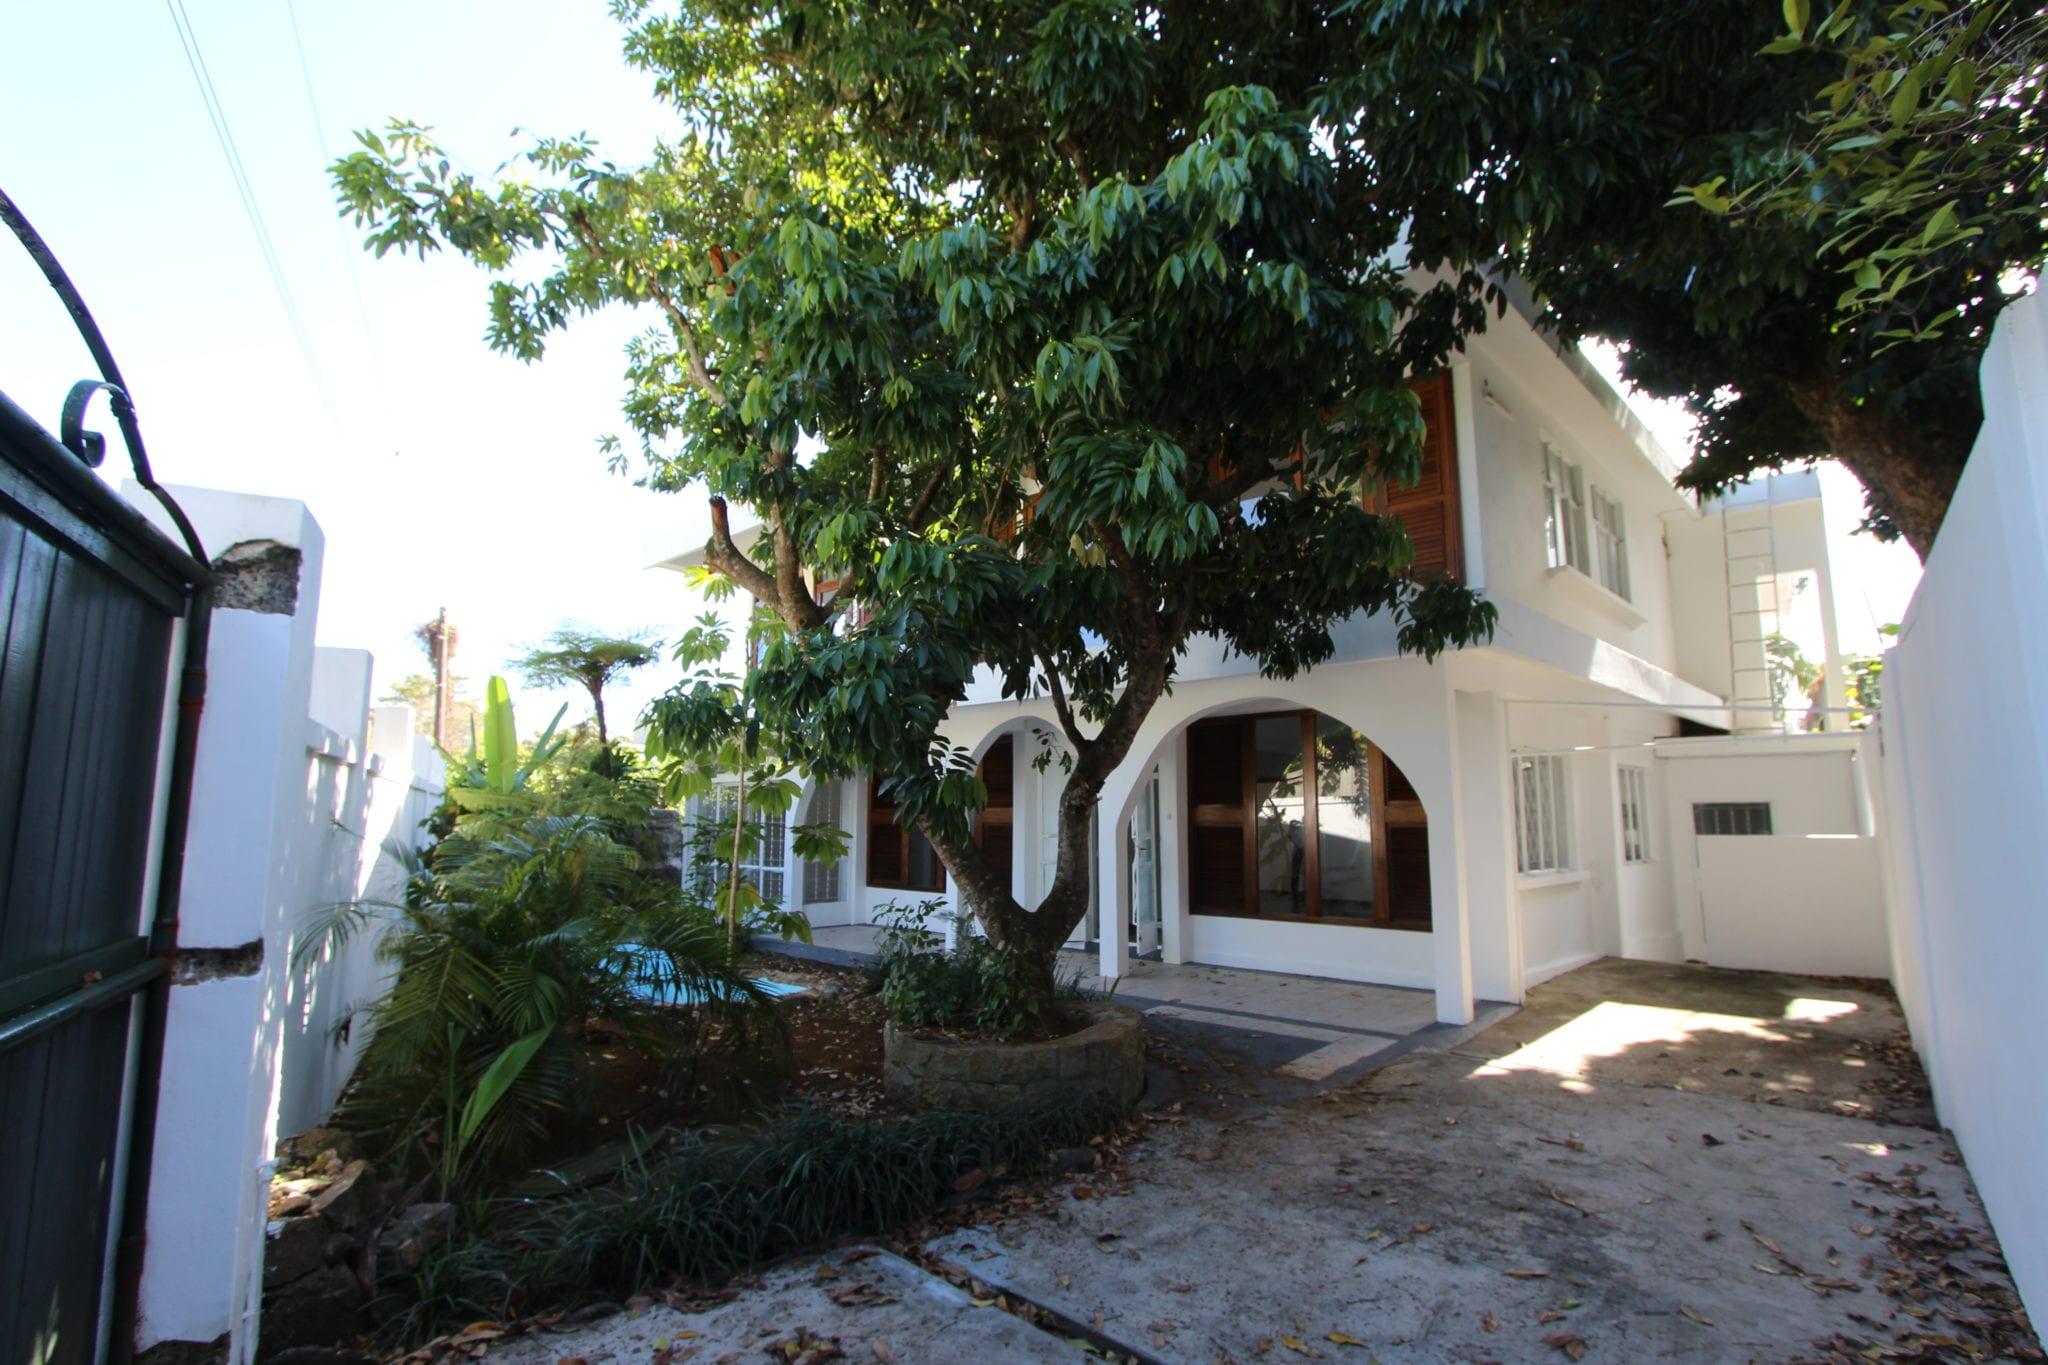 House  For Sale In Quatre-Bornes